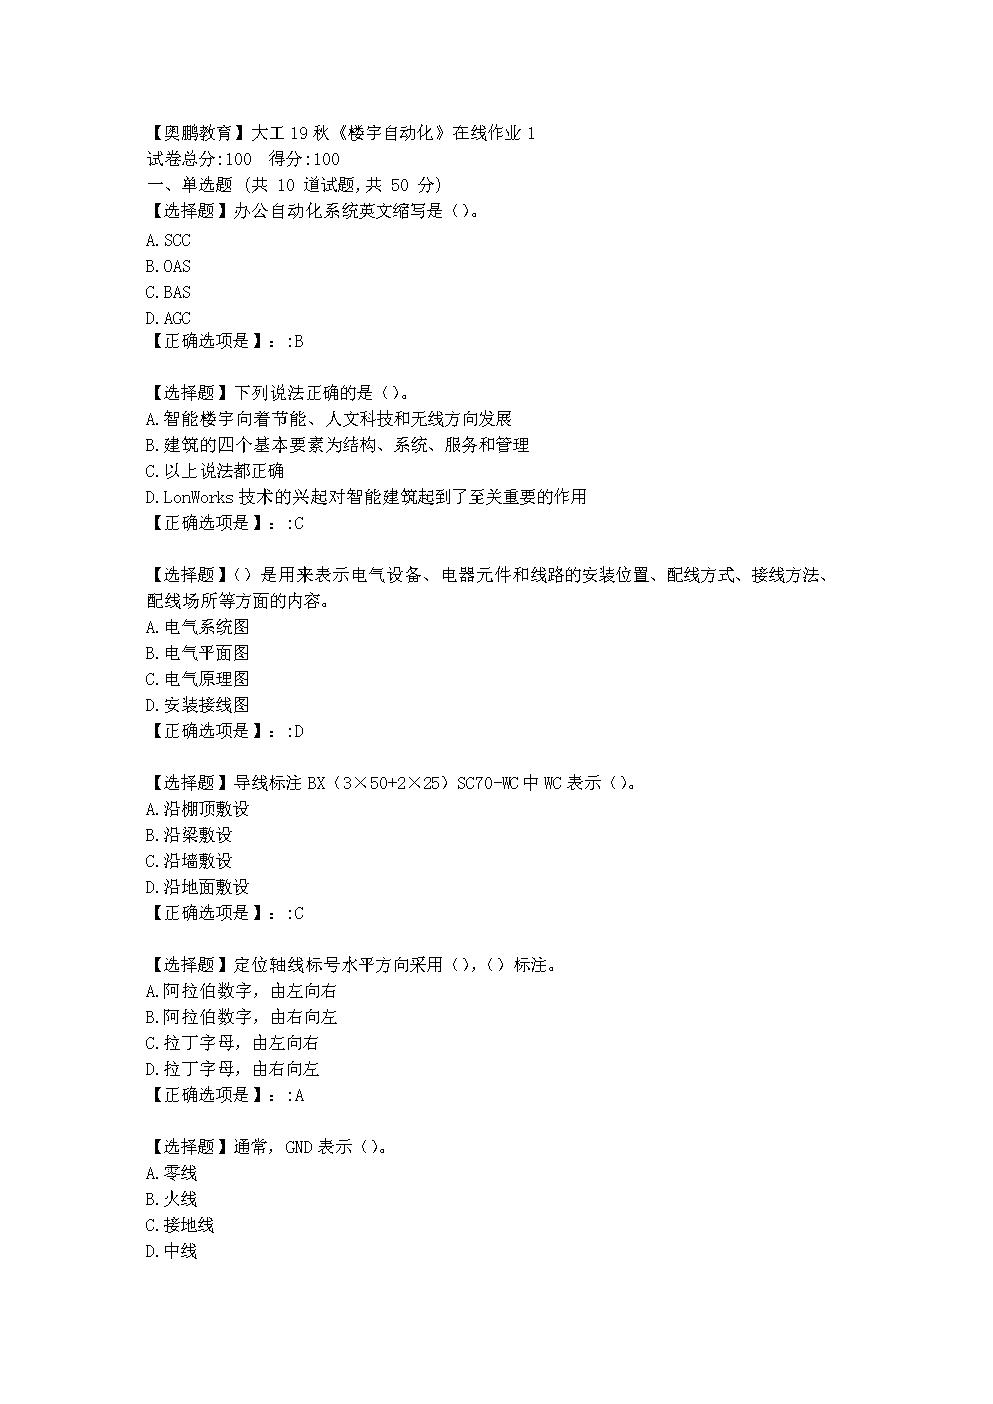 大连理工大学19秋《楼宇自动化》在线作业1学习资料.doc